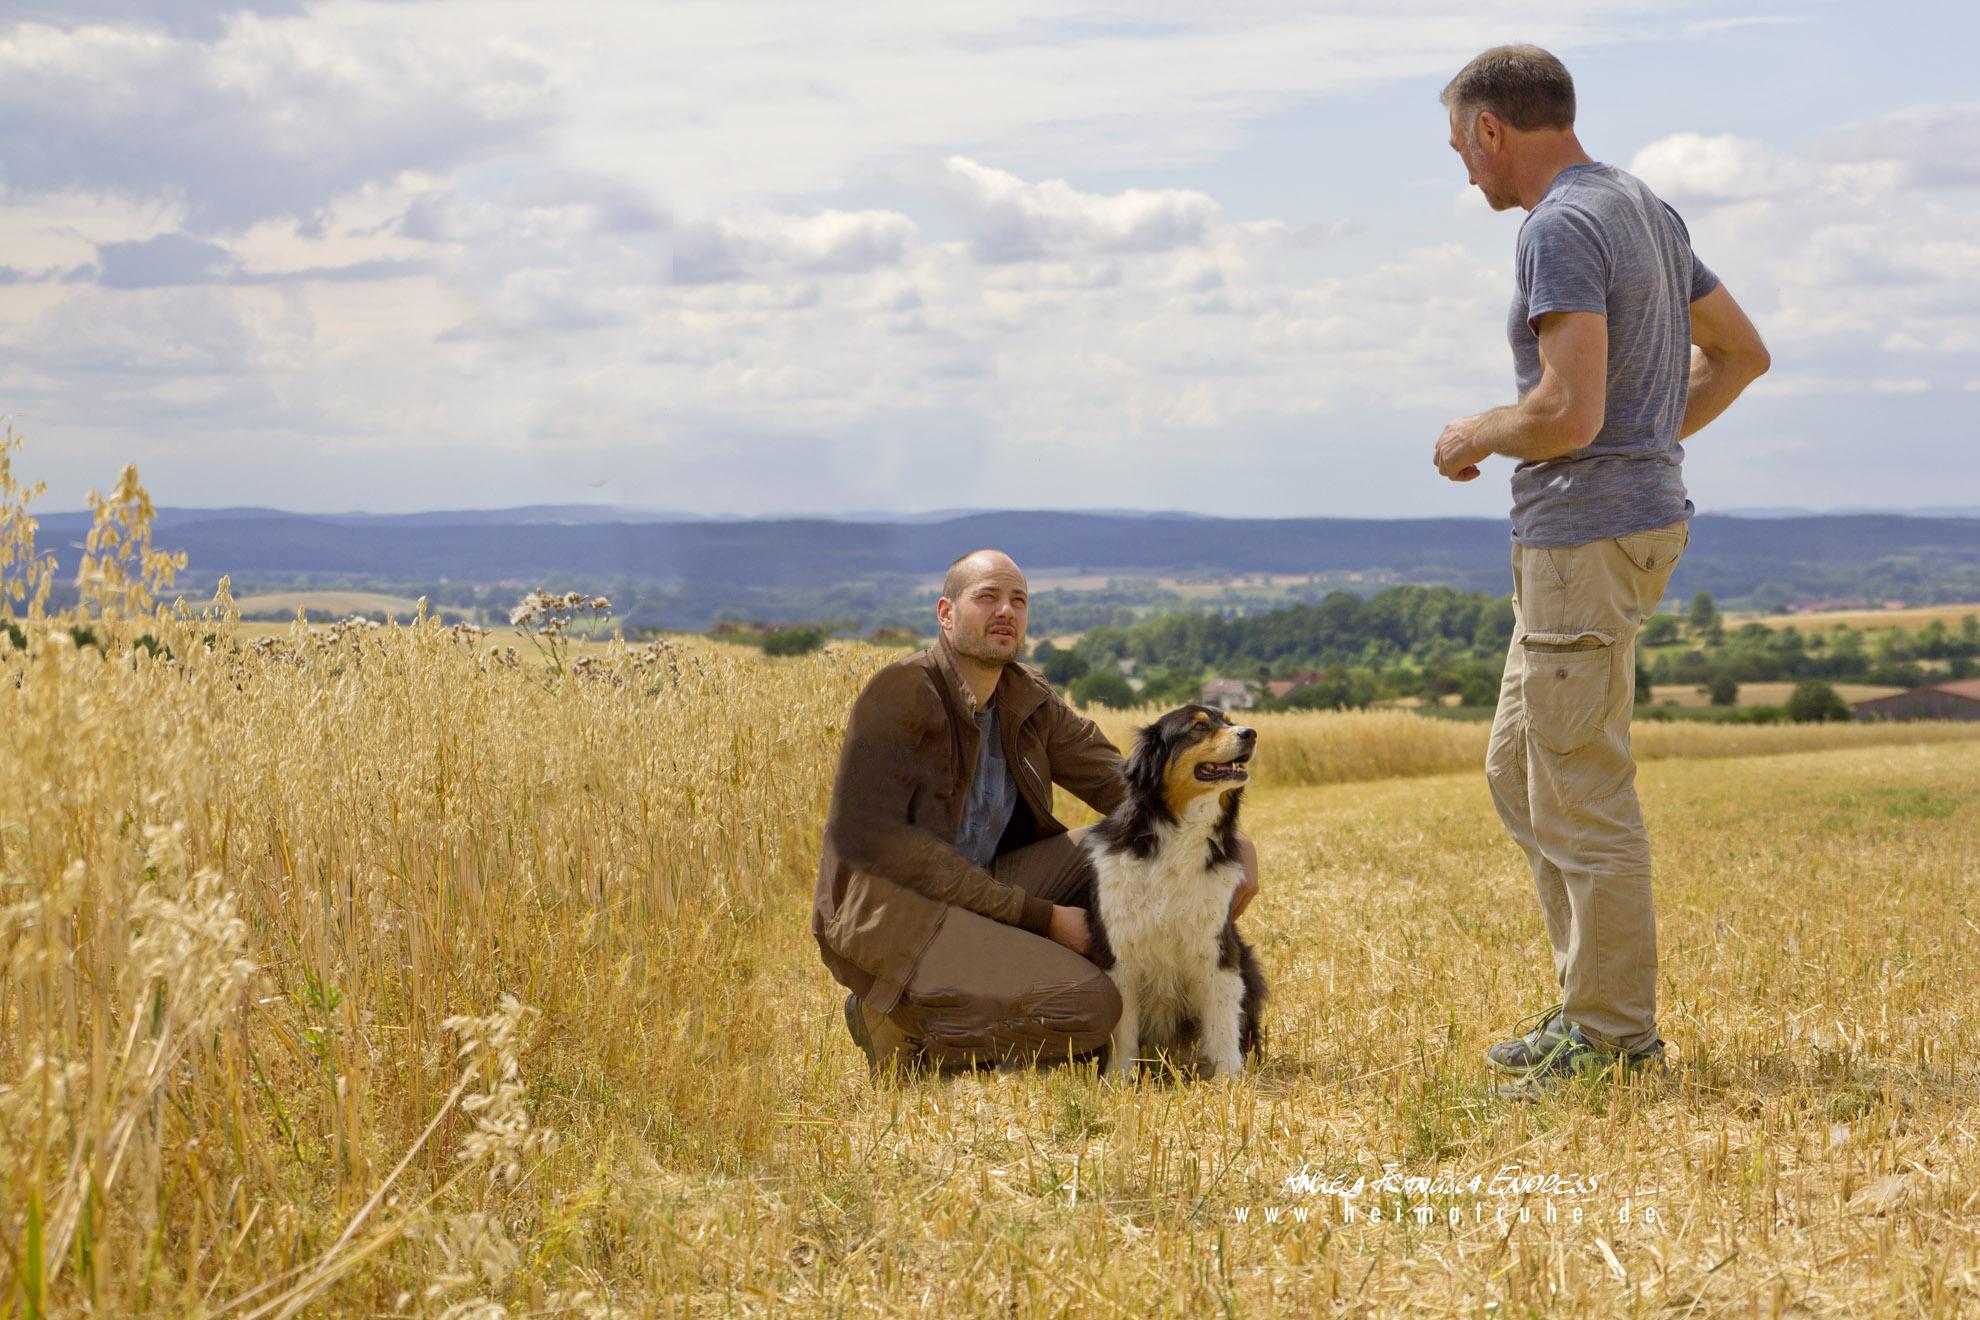 Robin und Gerd Jugenheimer (von links), Sohn und Vater, auf dem halb abgeernteten Feld mit der Schwarzen Linse und Hund Ludo